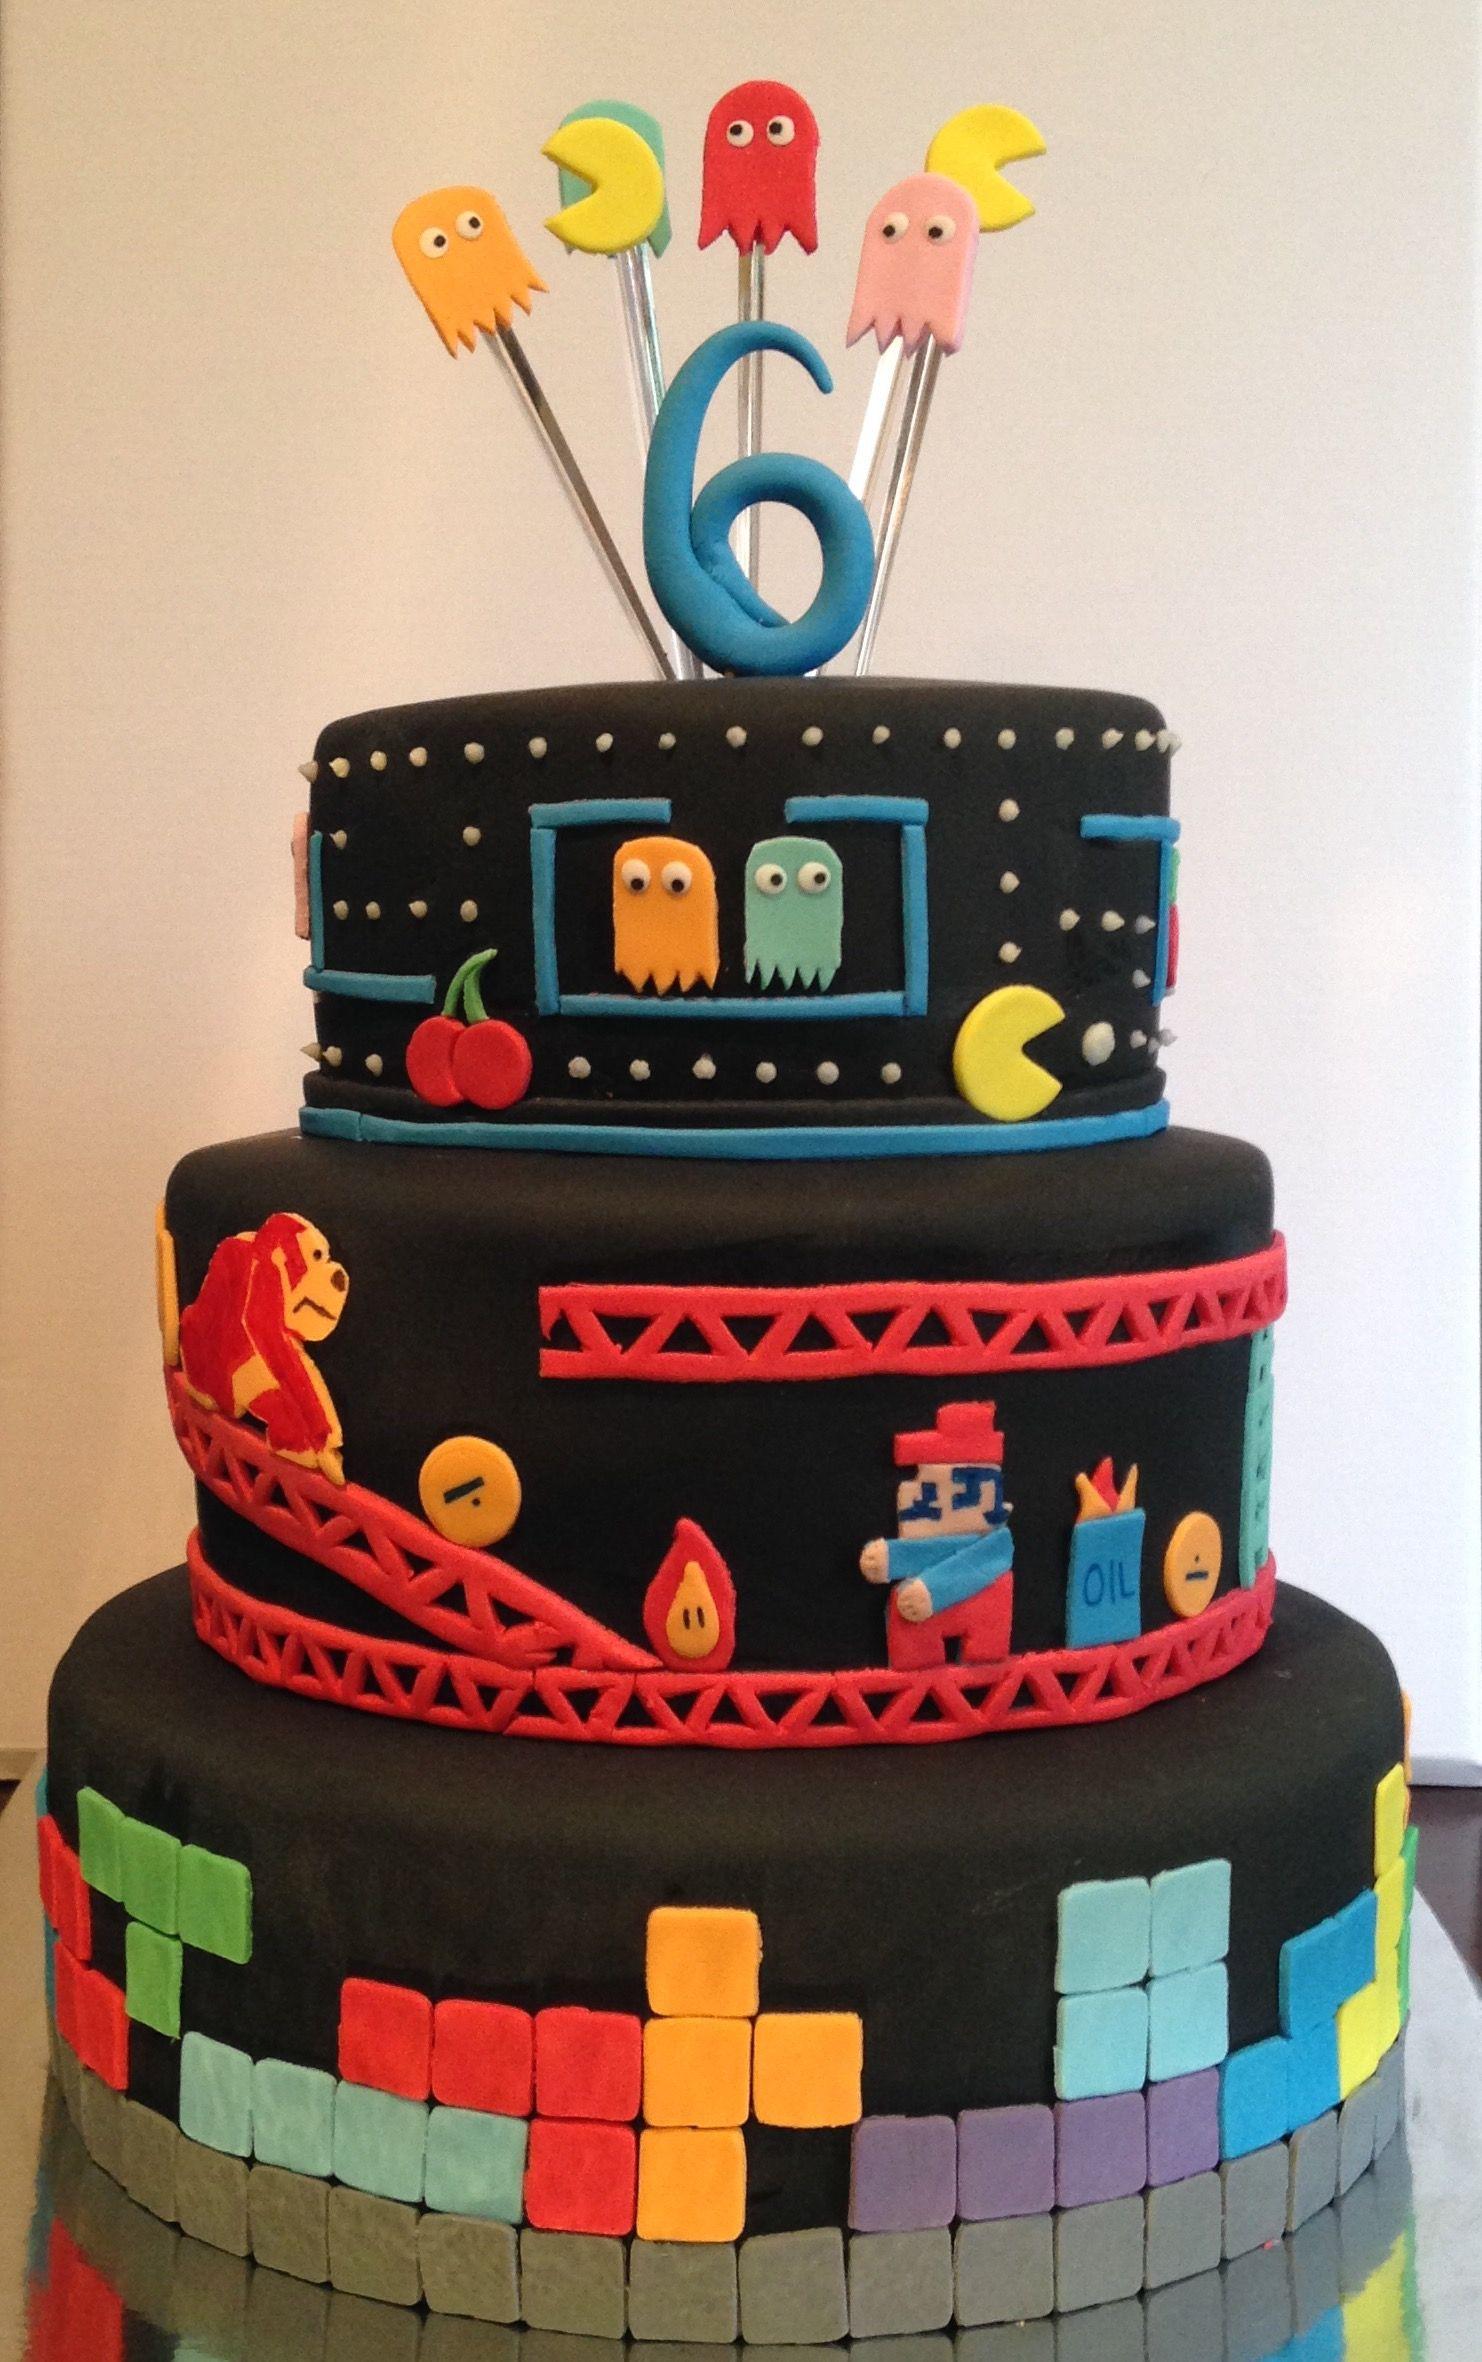 Gaming Cake Nintendo Mario Donkey Kong Tetris Cakes N Mora